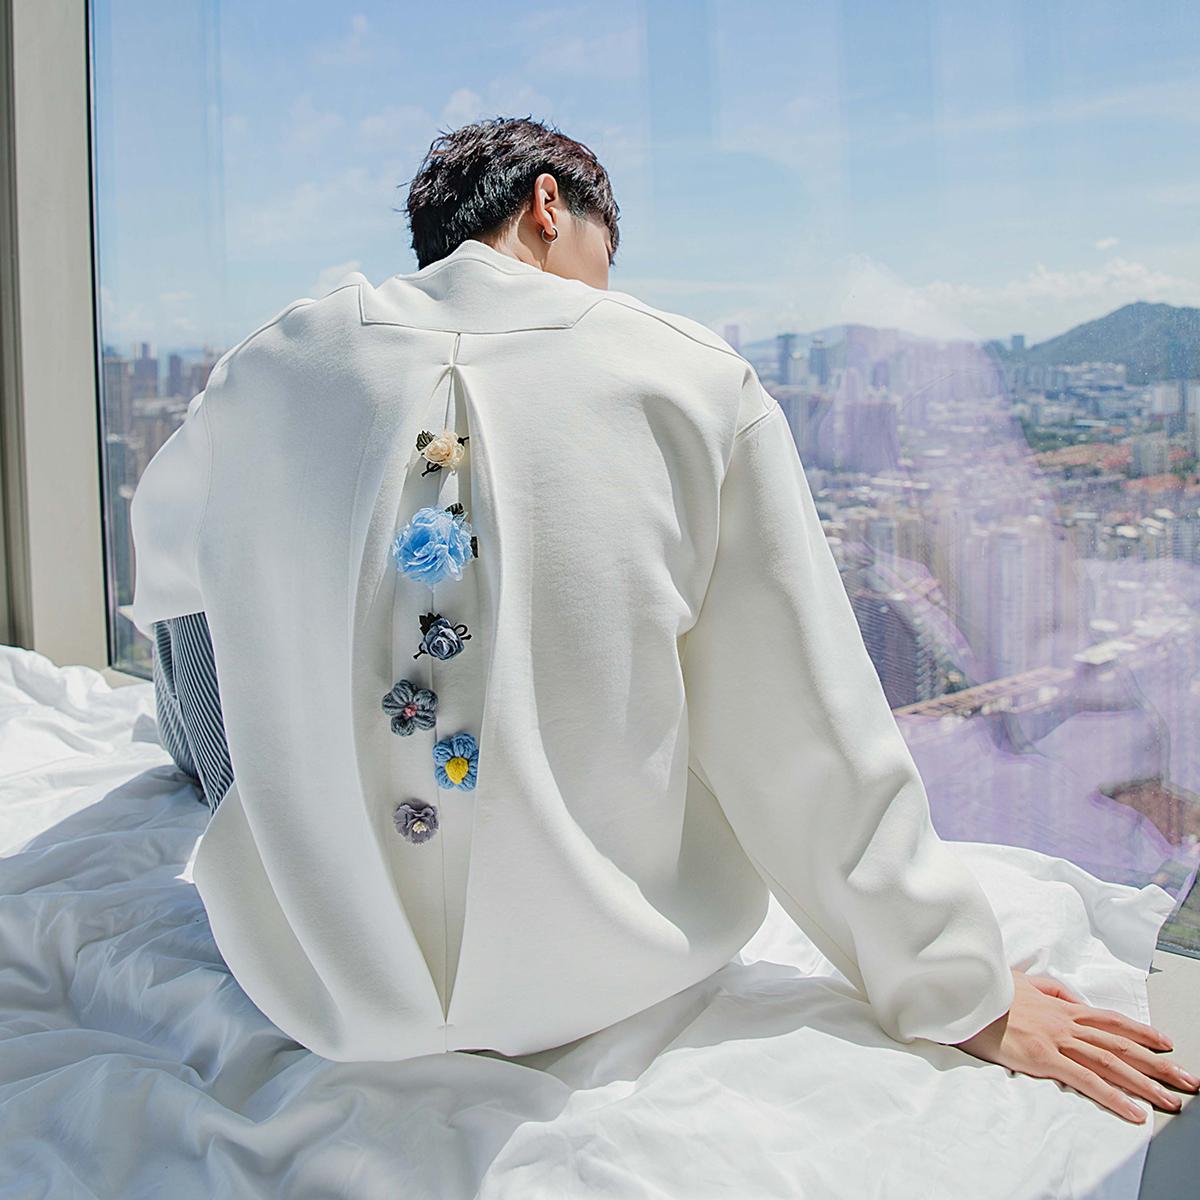 x联名设计感上衣白色圆领裂痕卫衣男ERROCHENGGUANGWANGCHIC